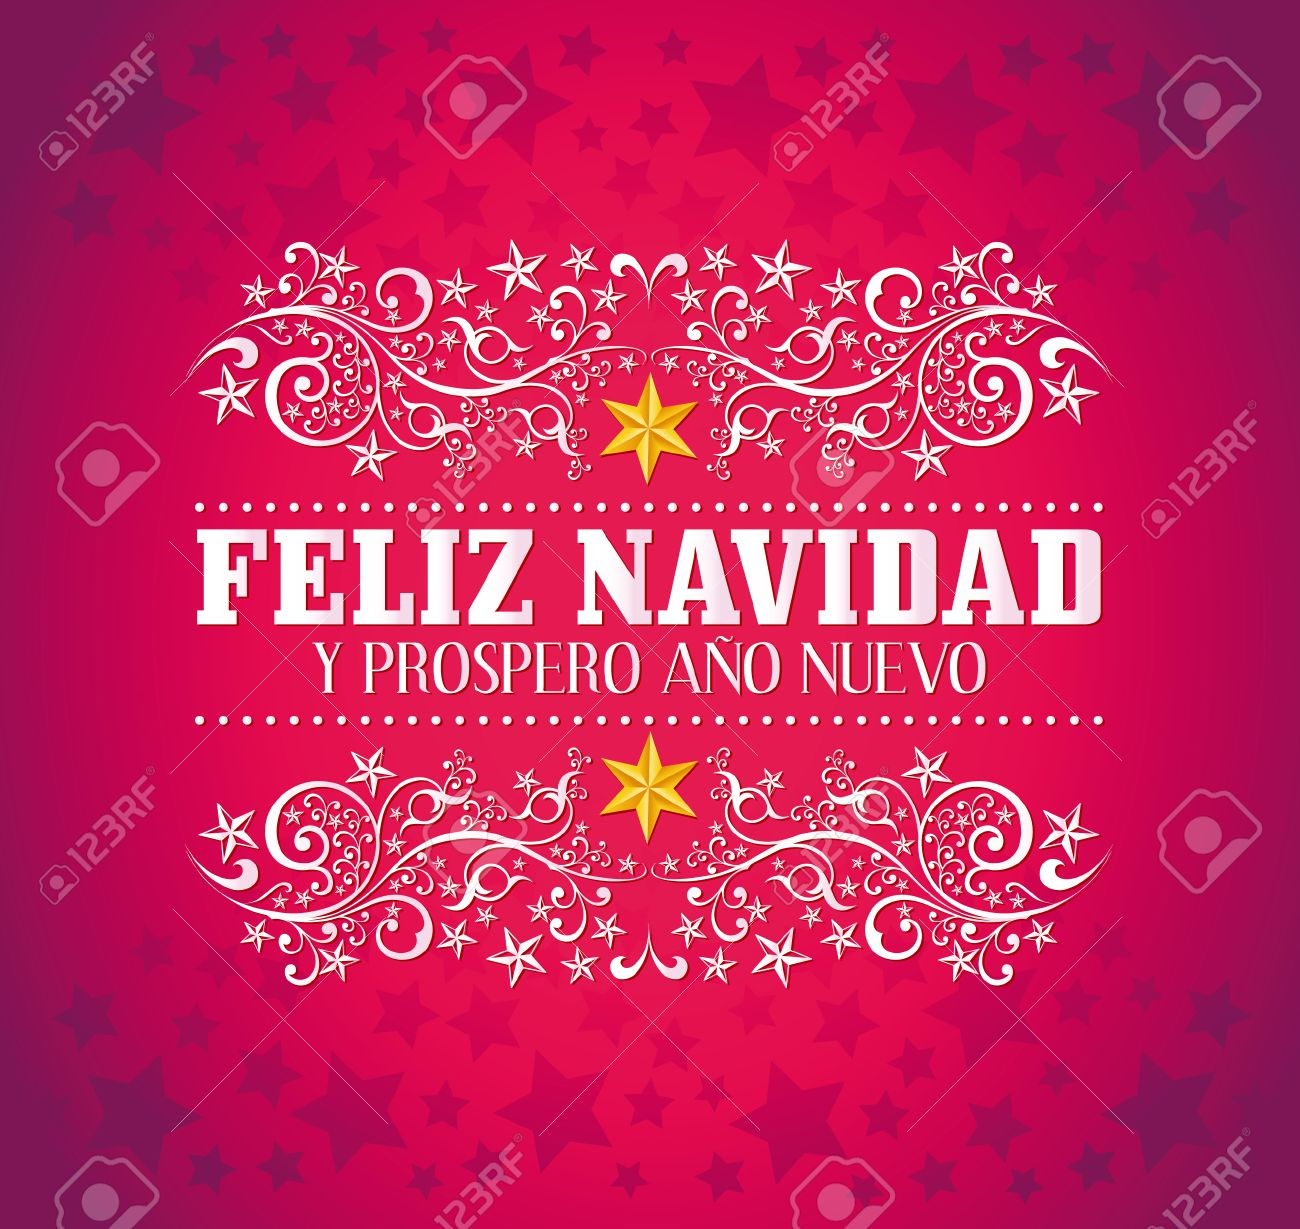 Feliz Navidad Joyeux Noel 2019.Feliz Navidad Y Prospero Ano Nuevo Joyeux Noel Et Bonne Annee Carte De Texte Espagnol Vecteur